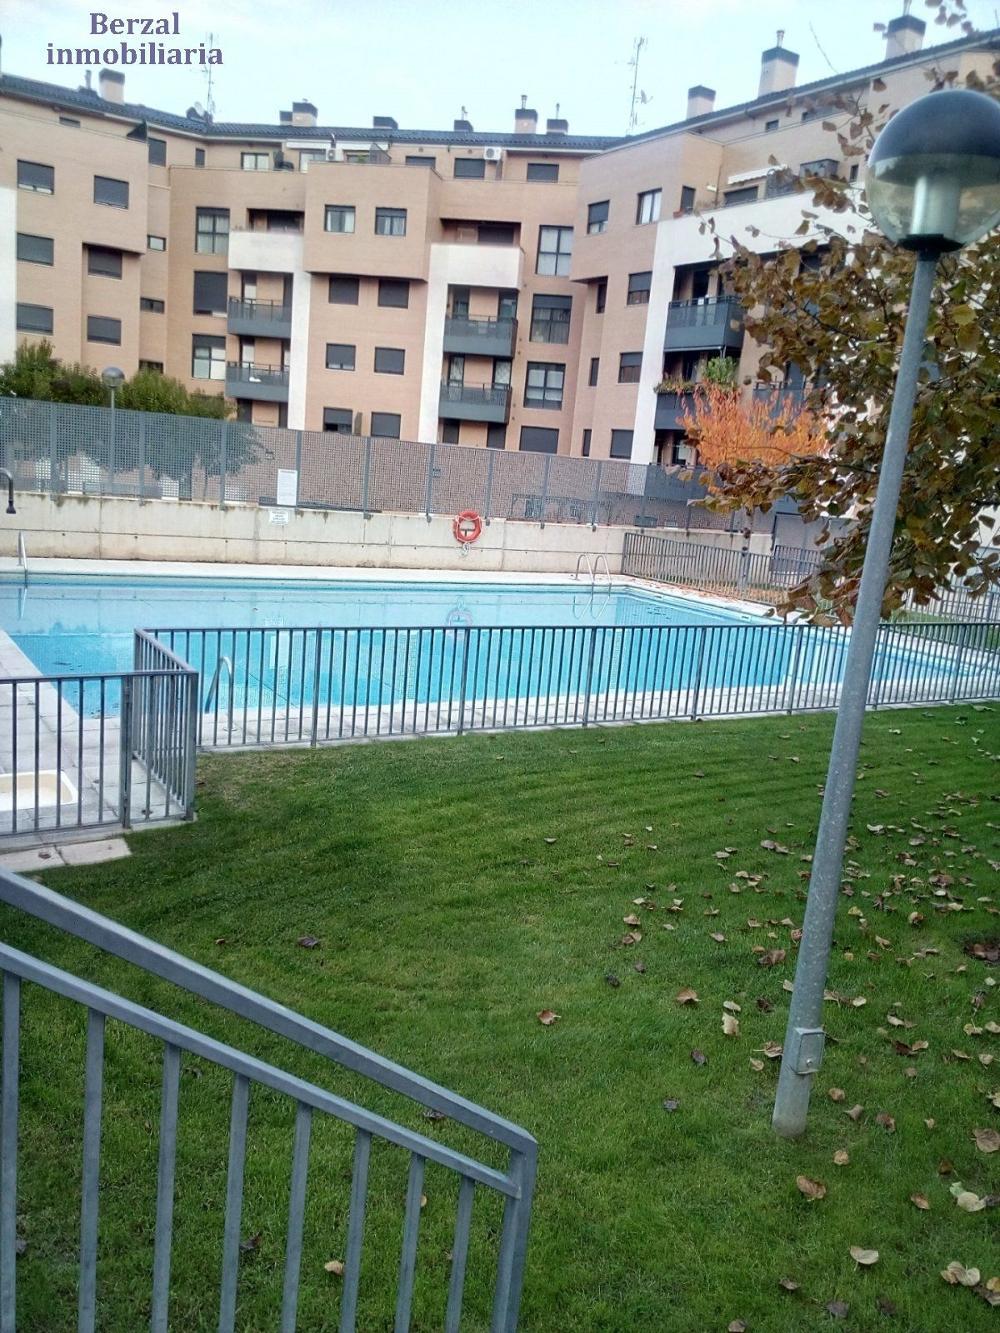 lardero la rioja huis foto 3659815